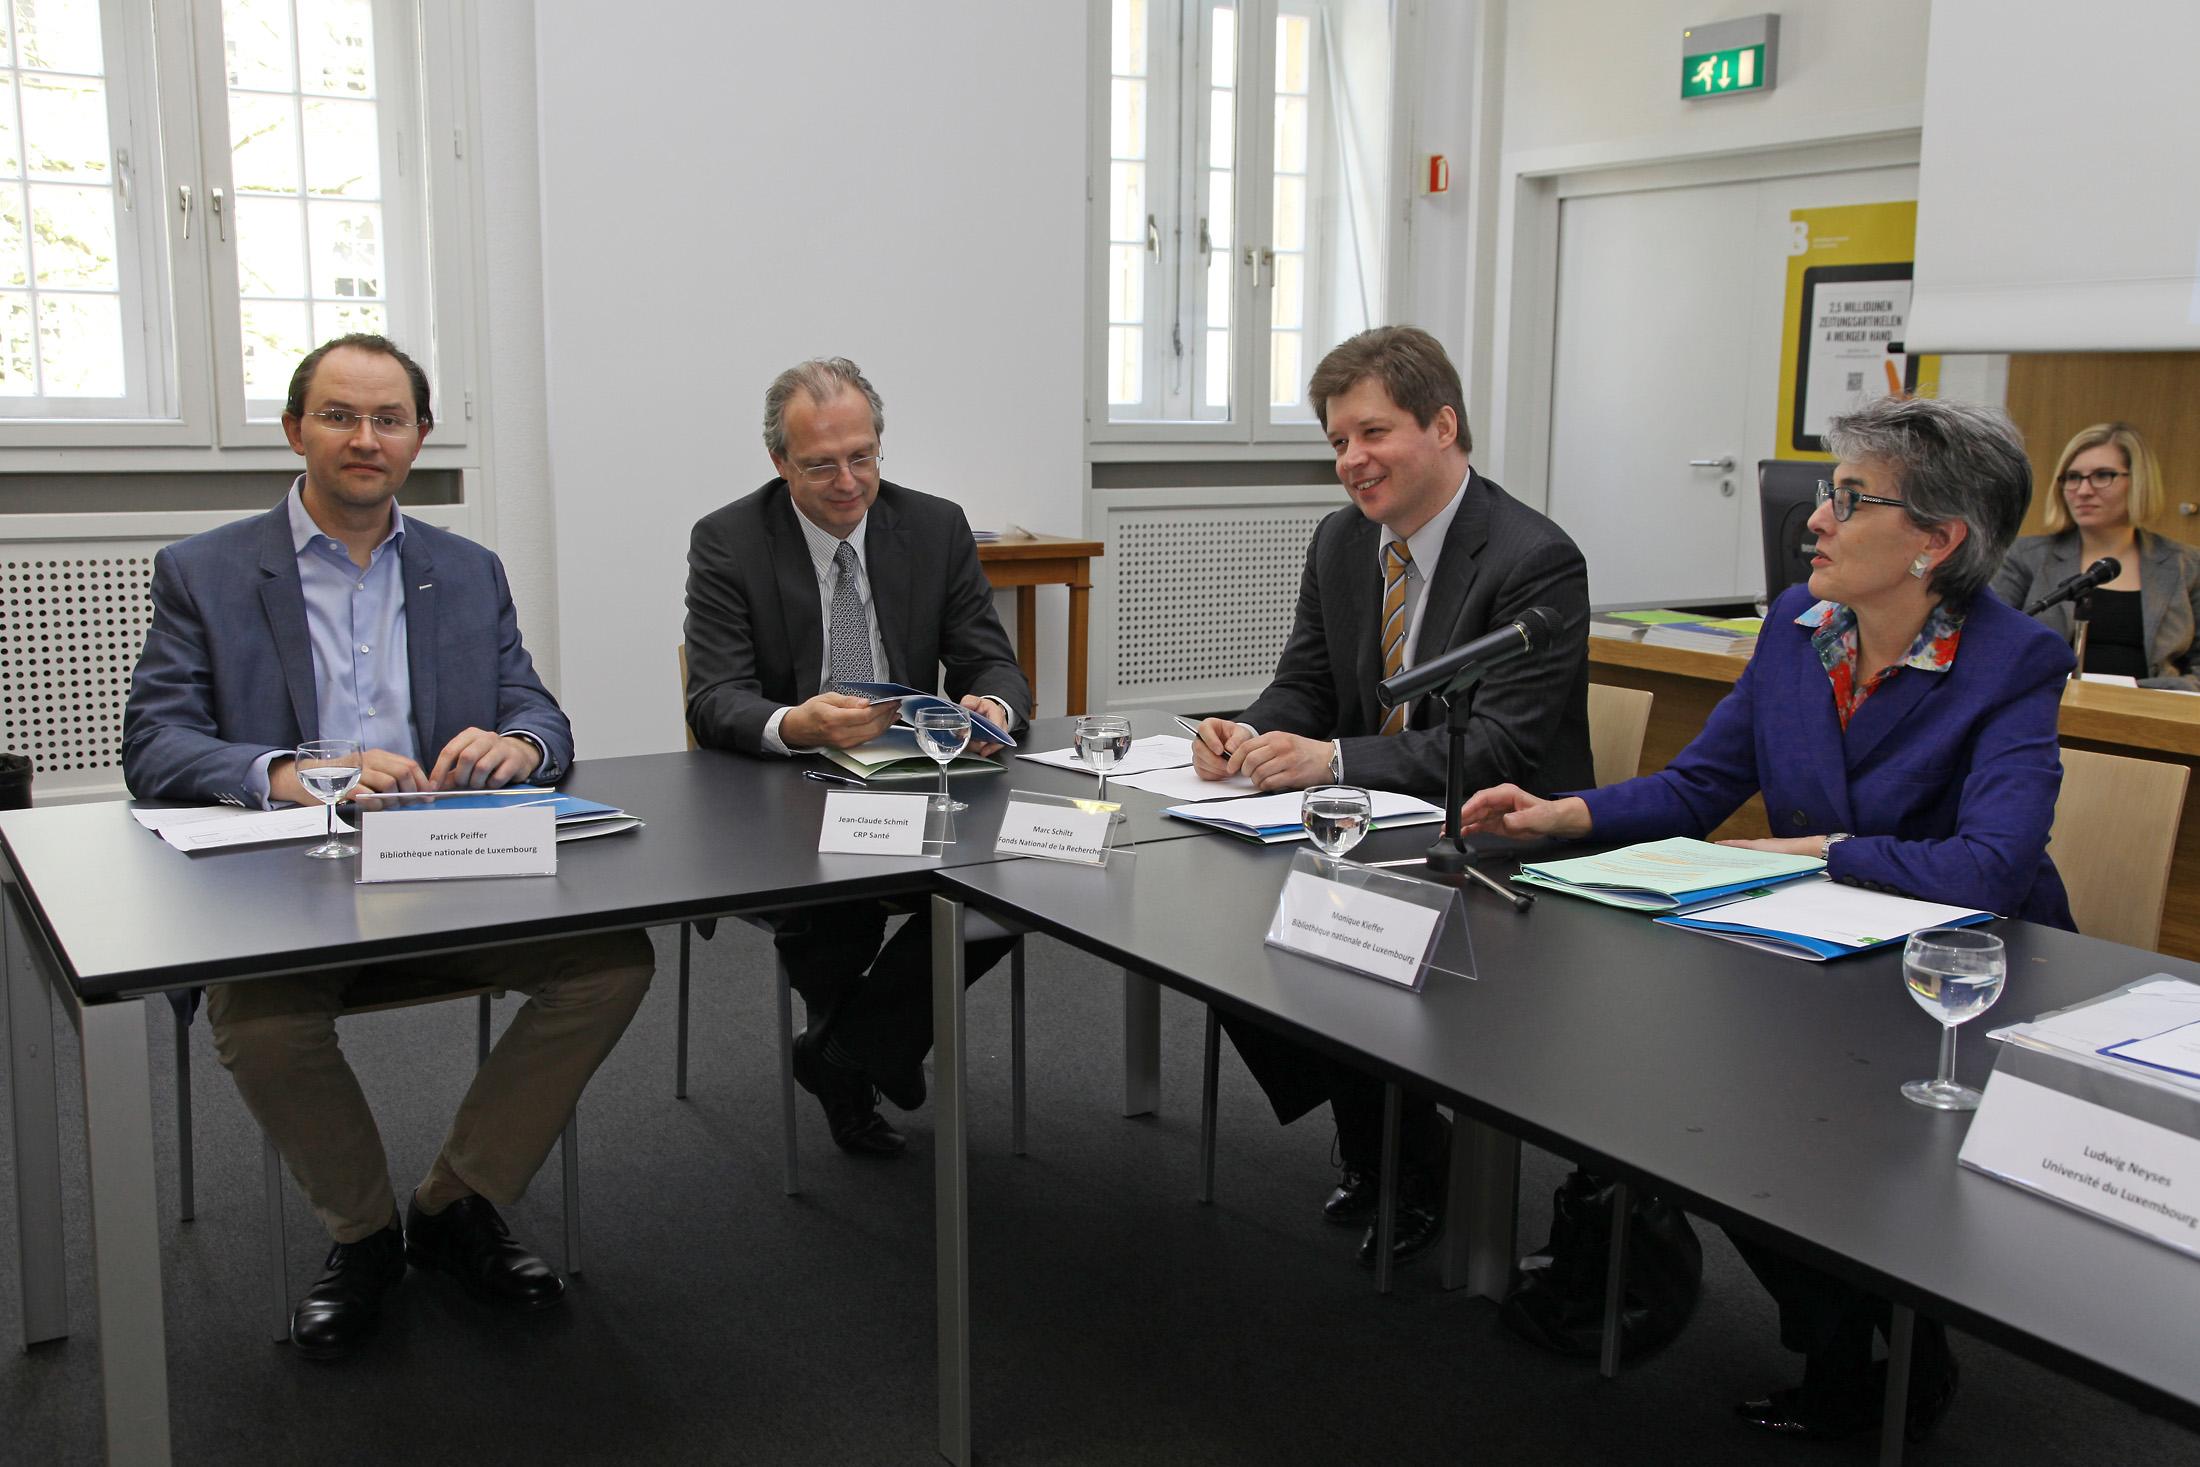 Représentants du « Consortium Luxembourg » et du FnR: Patrick Peiffer, Dr. Jean-Claude Schmit, Marc Schiltz, Monique Kieffer